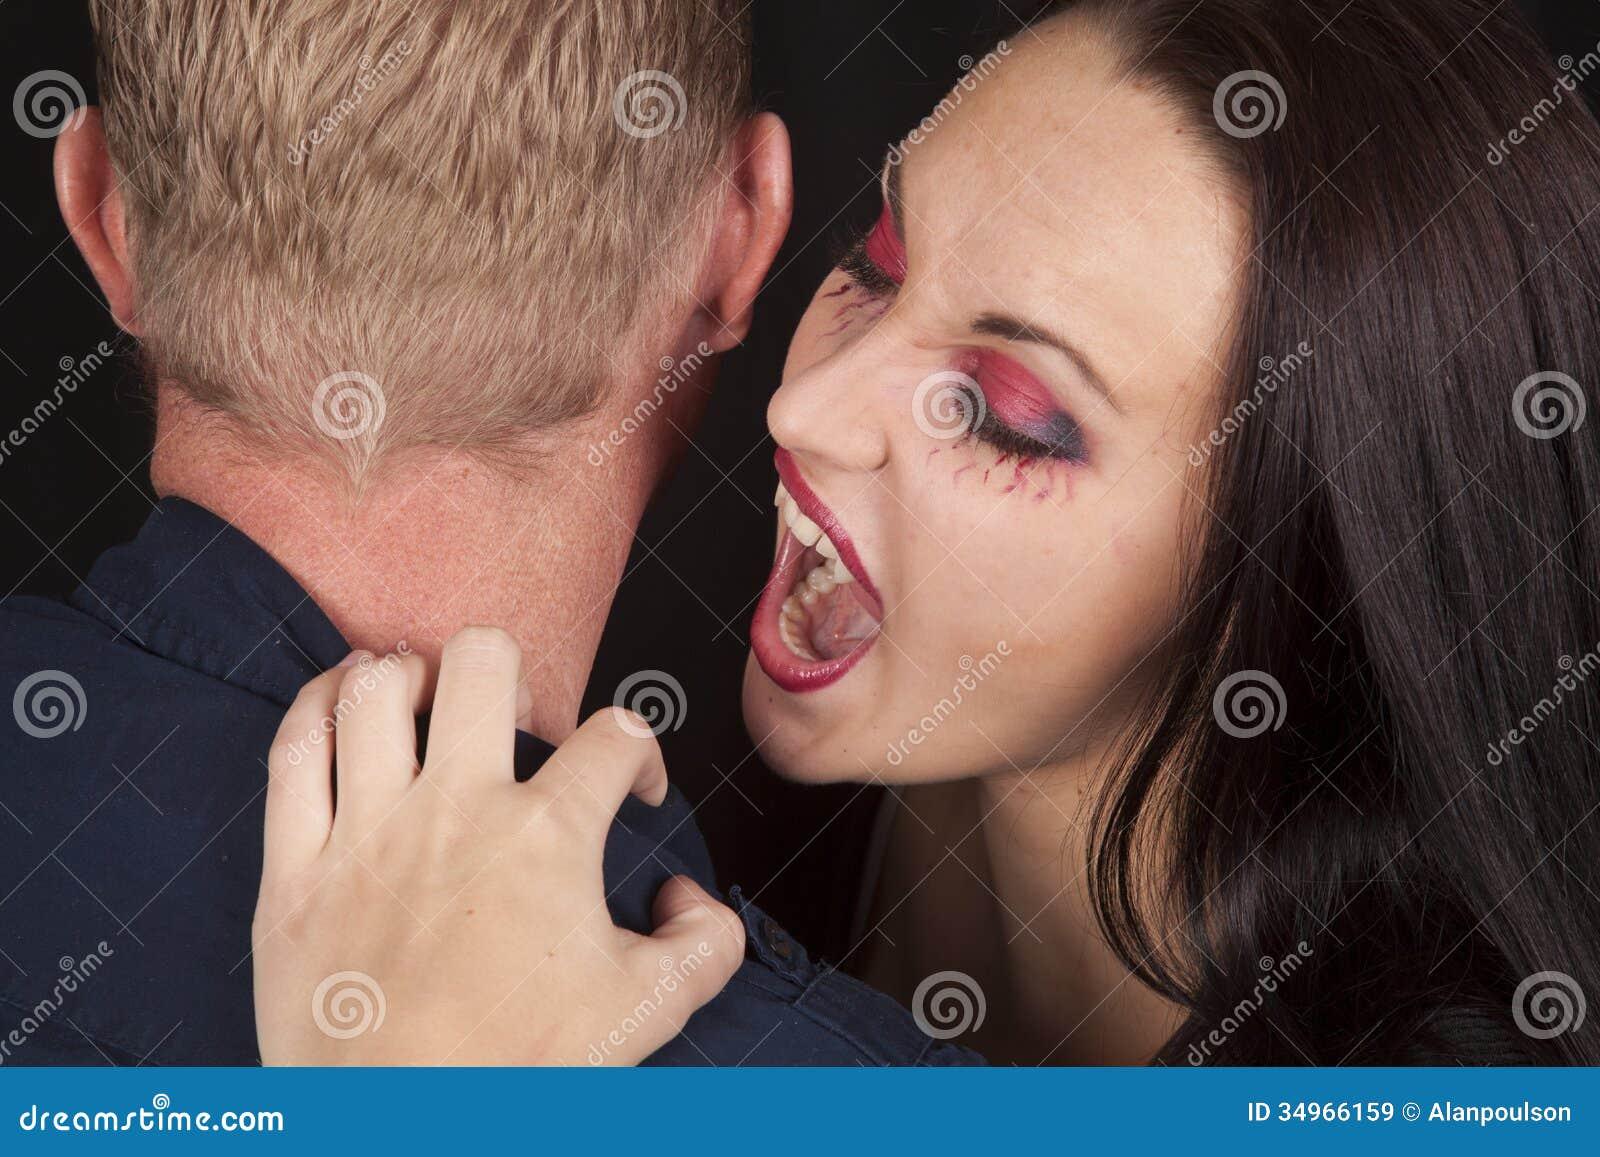 Фото женщина кусает мужчину голого, Мужские яички под ударом » Эротика фото и голых 28 фотография